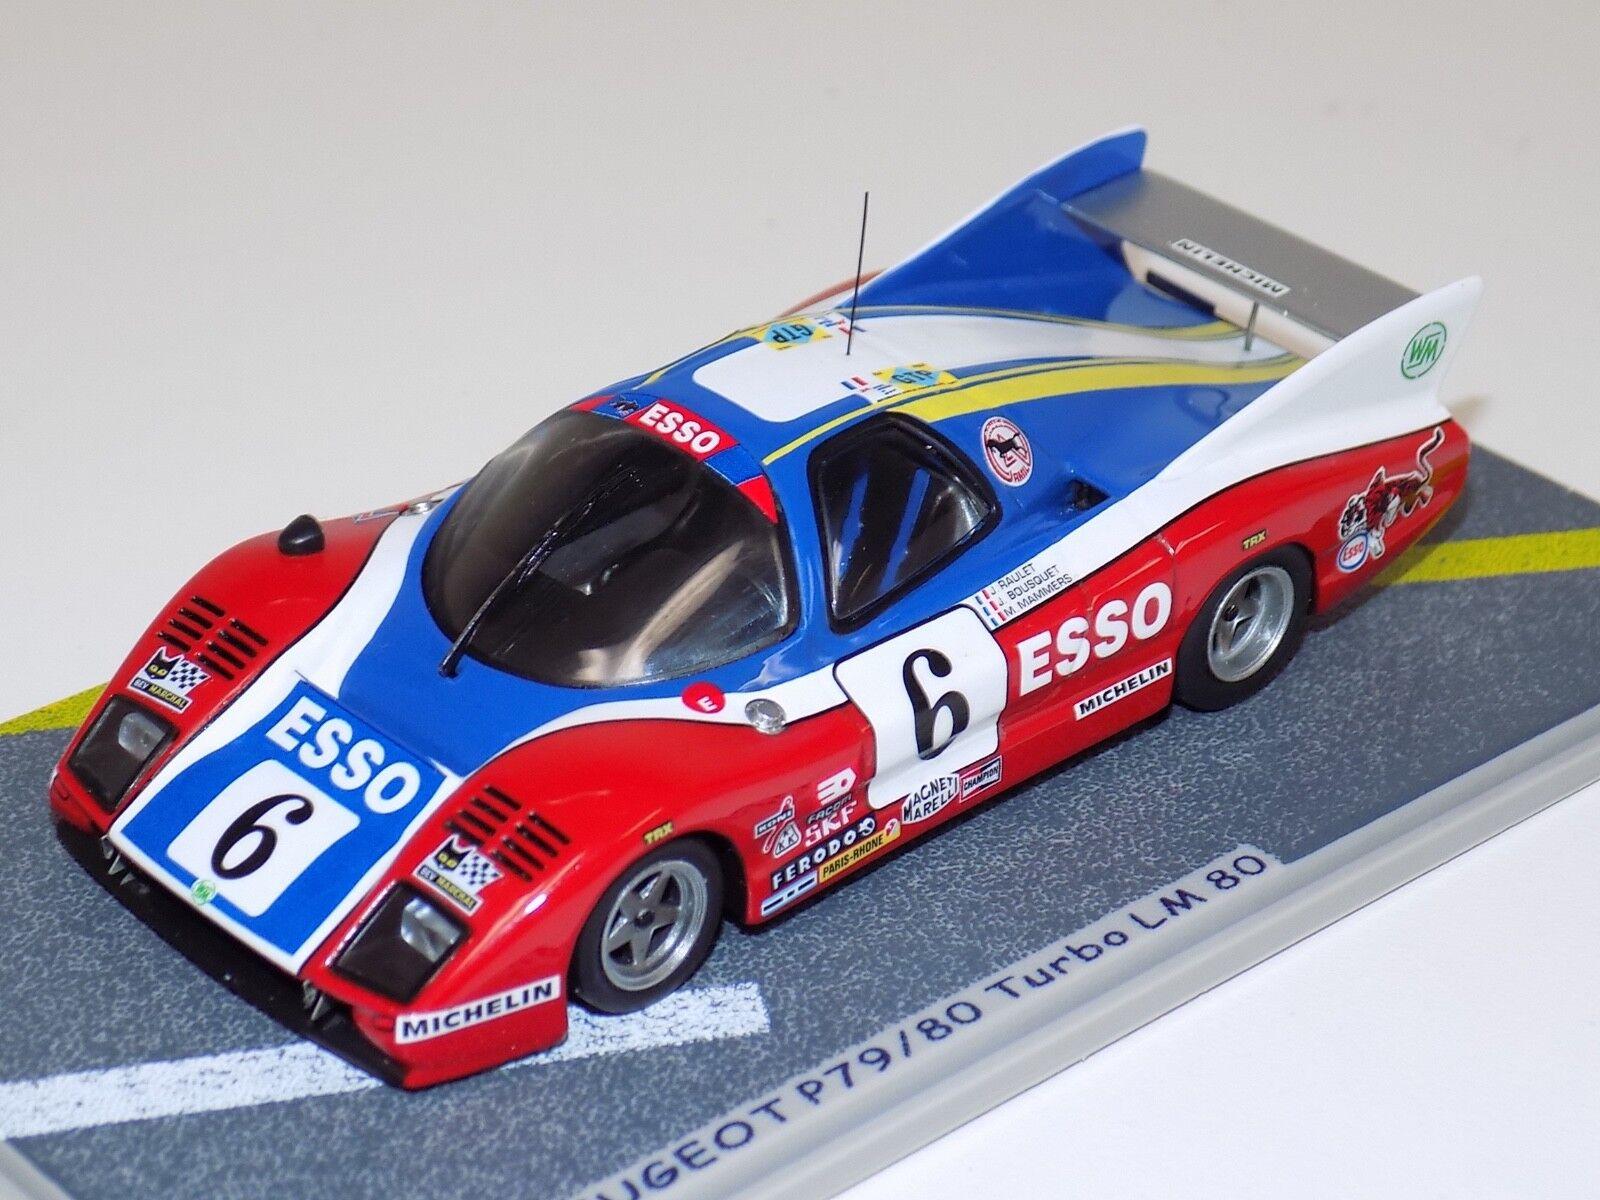 1 43 Bizarre Peugeot P79 80 Turbo Voiture  6 de 1980 24 H LeMans BZ029